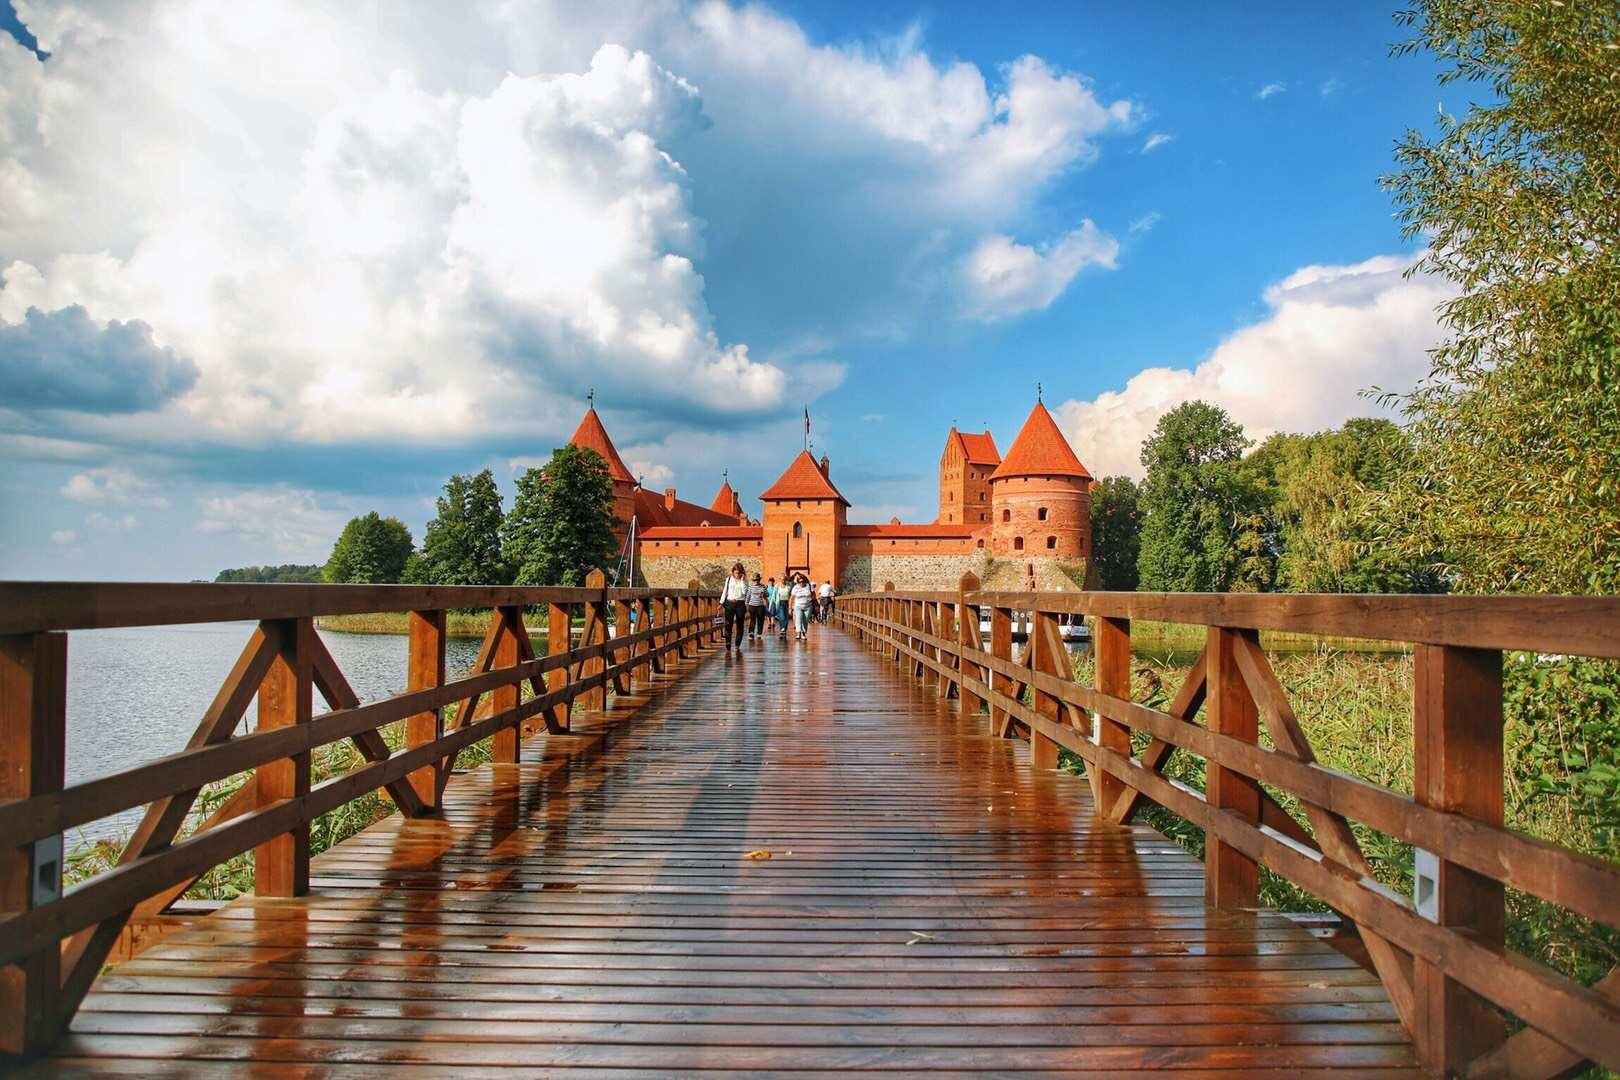 欧洲旅游攻略收藏:8天玩转6个攻略的国家,便宜卢克奶v攻略攻略图片